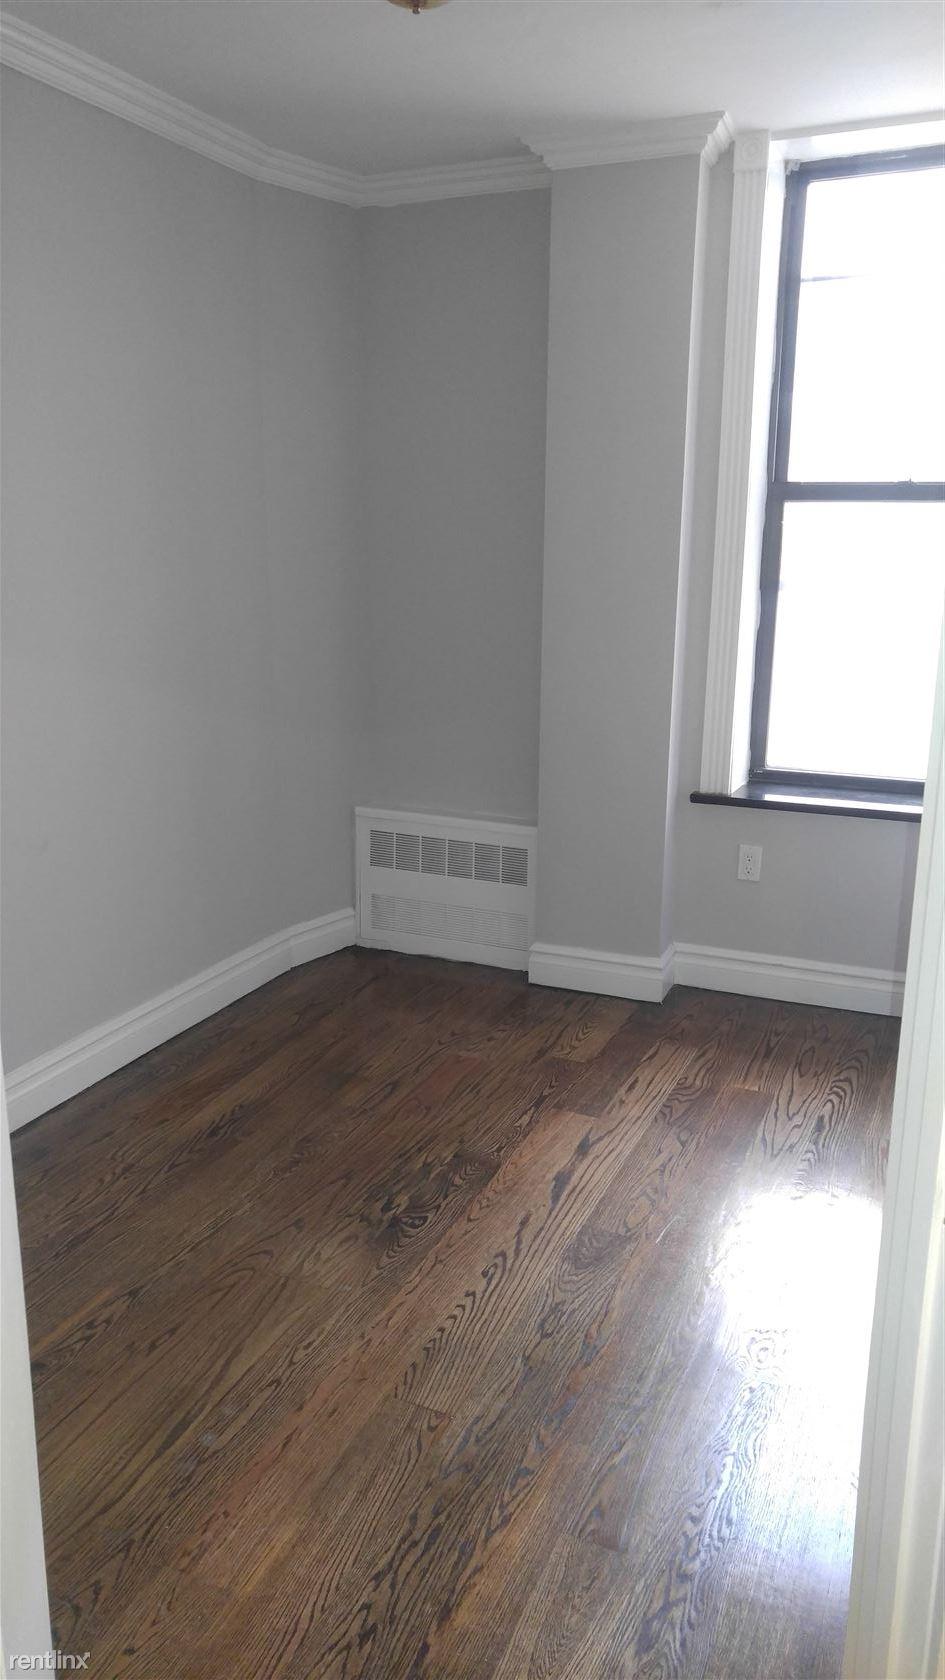 439 W 50th St, New York, NY - $4,395